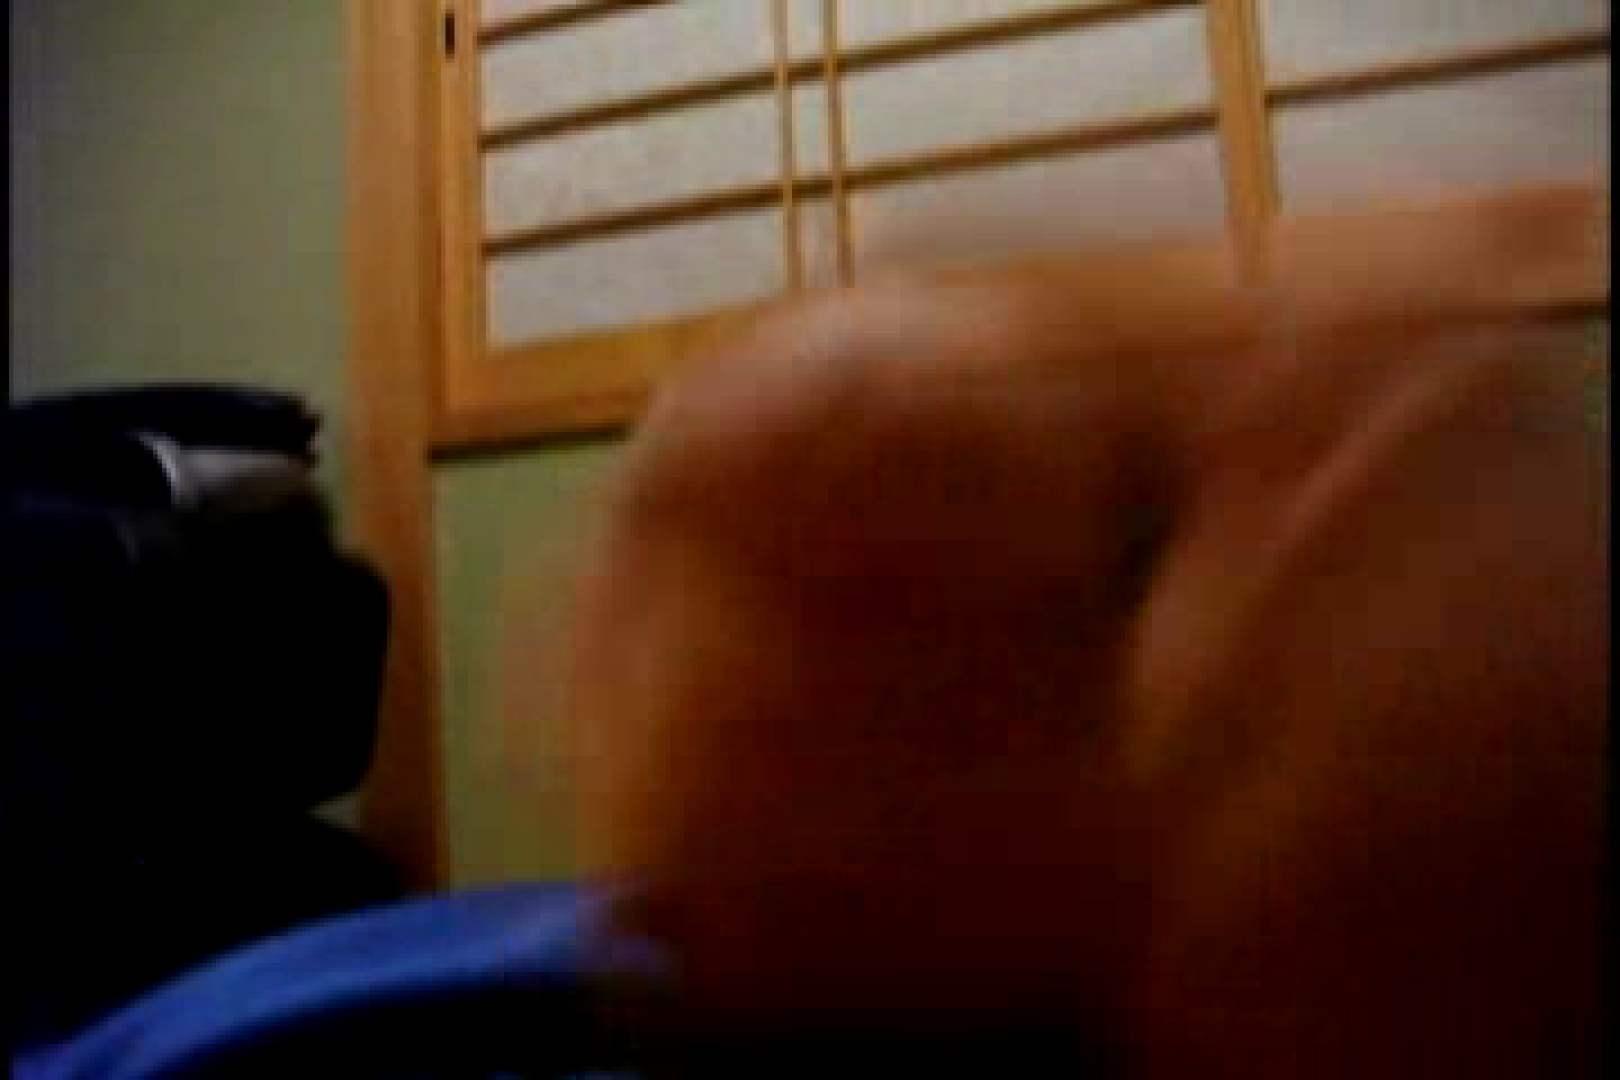 オナ好きノンケテニス部員の自画撮り投稿vol.02 流出特集 ゲイ丸見え画像 77枚 58